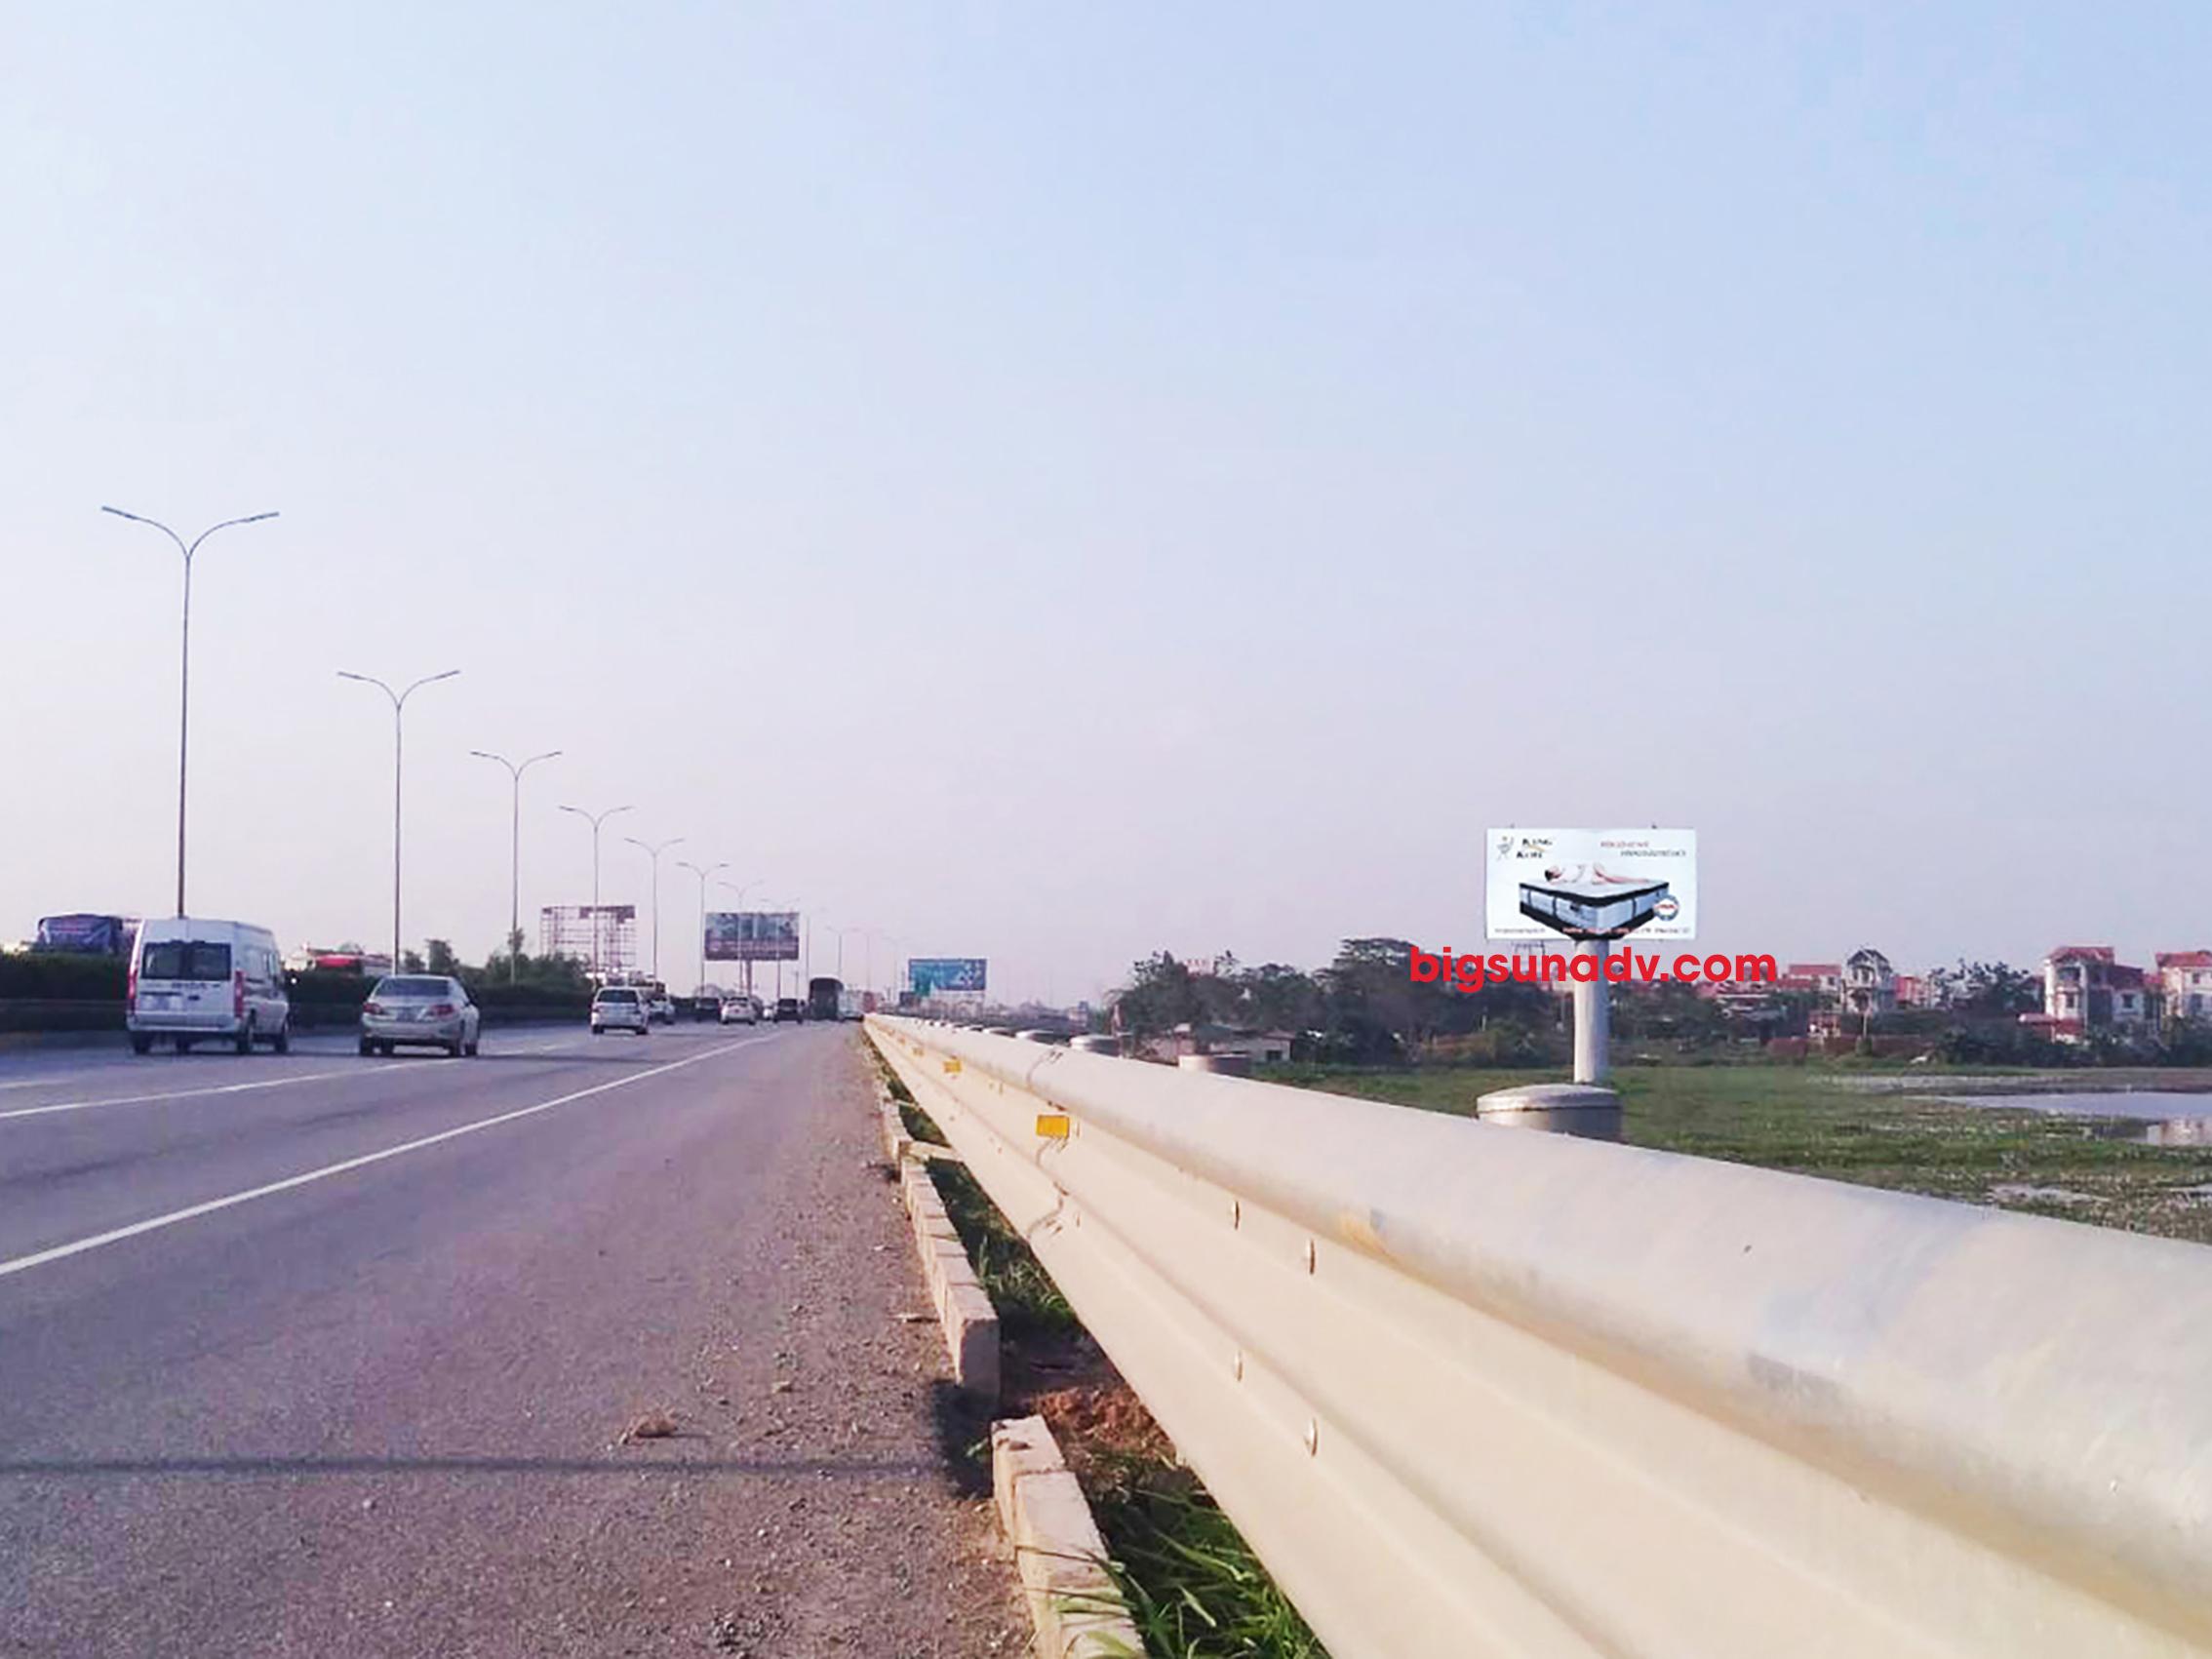 Quảng cáo nhãn Everon tại cao tốc Pháp Vân - Cầu Giẽ